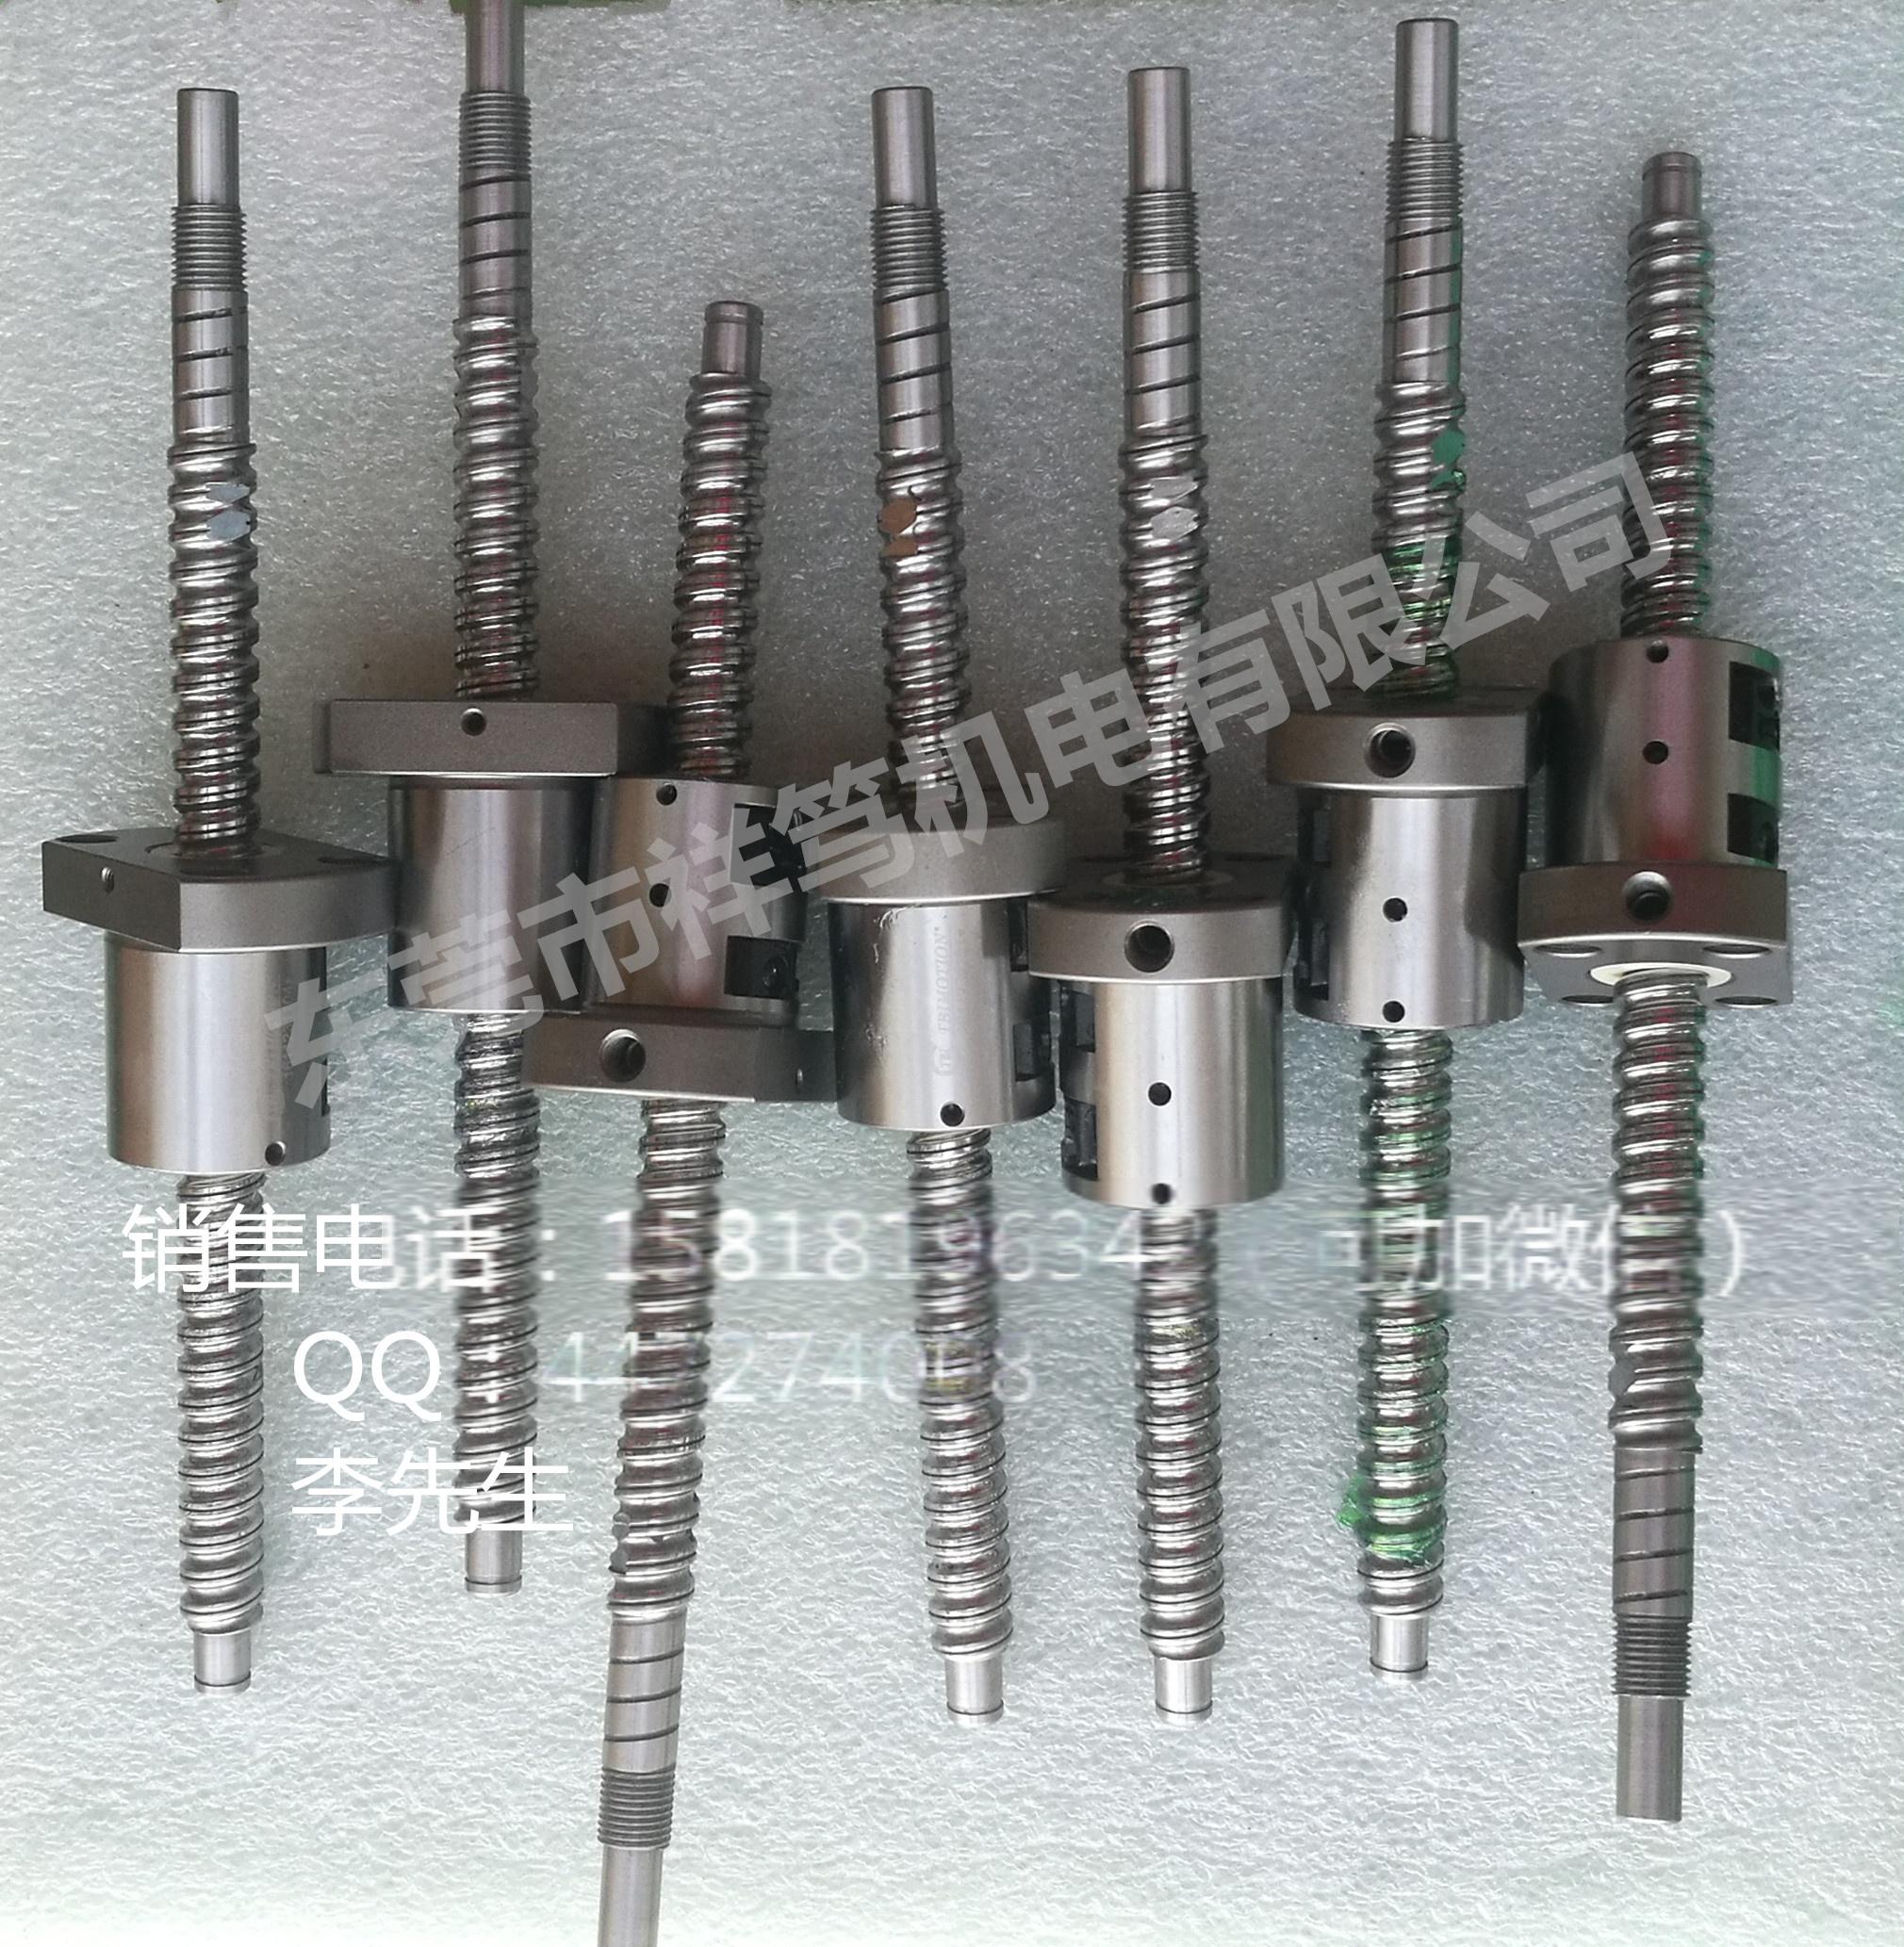 供应TBI滚珠丝杆SFV01510-2.7776912795